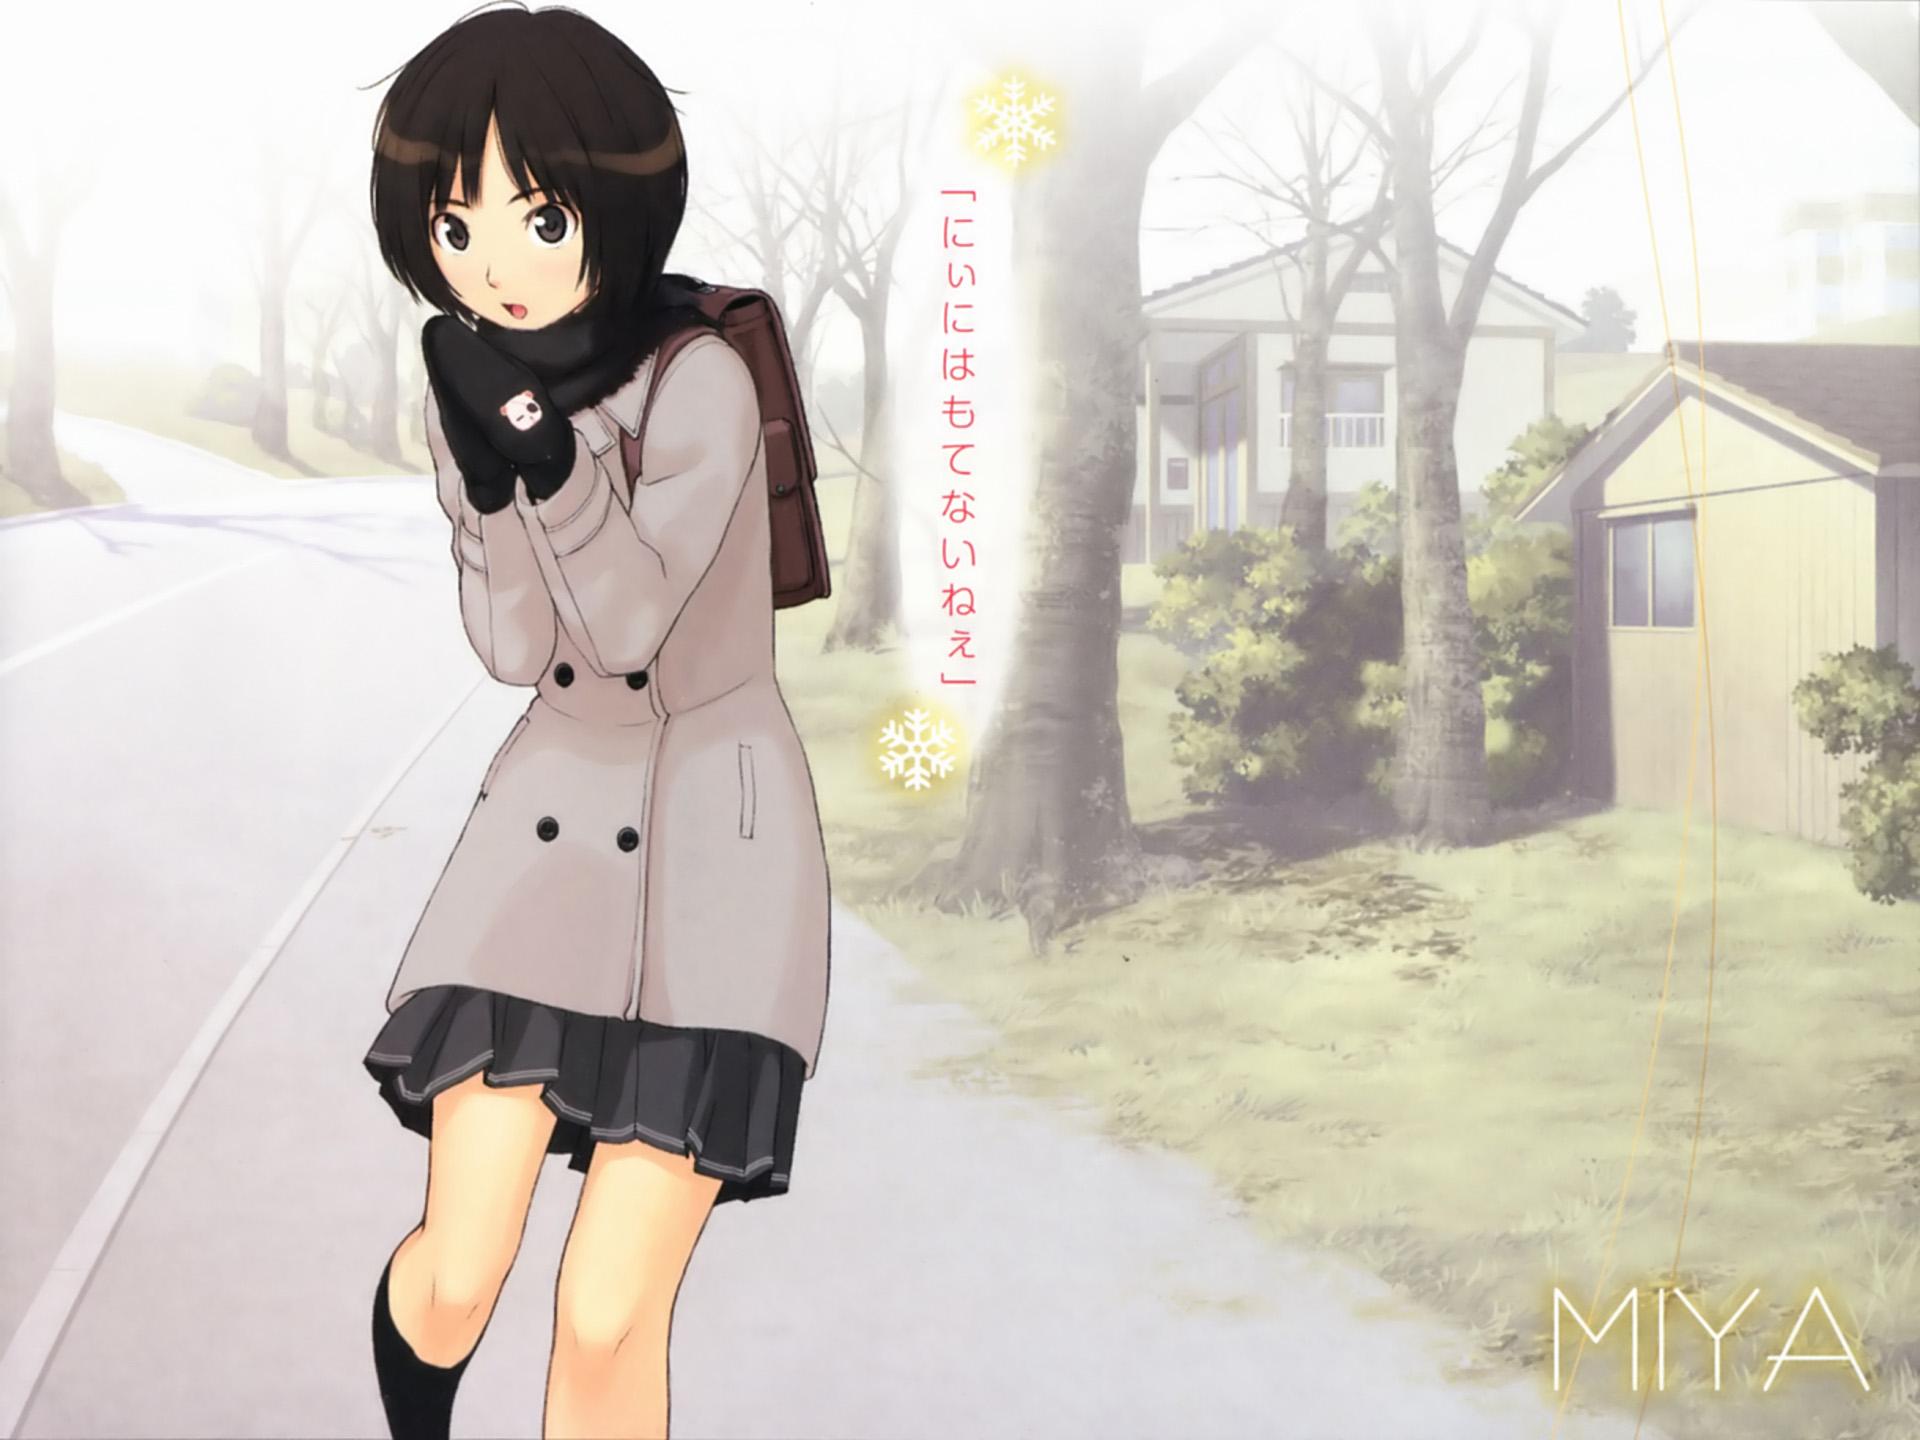 amagami tachibana_miya takayama_kisai